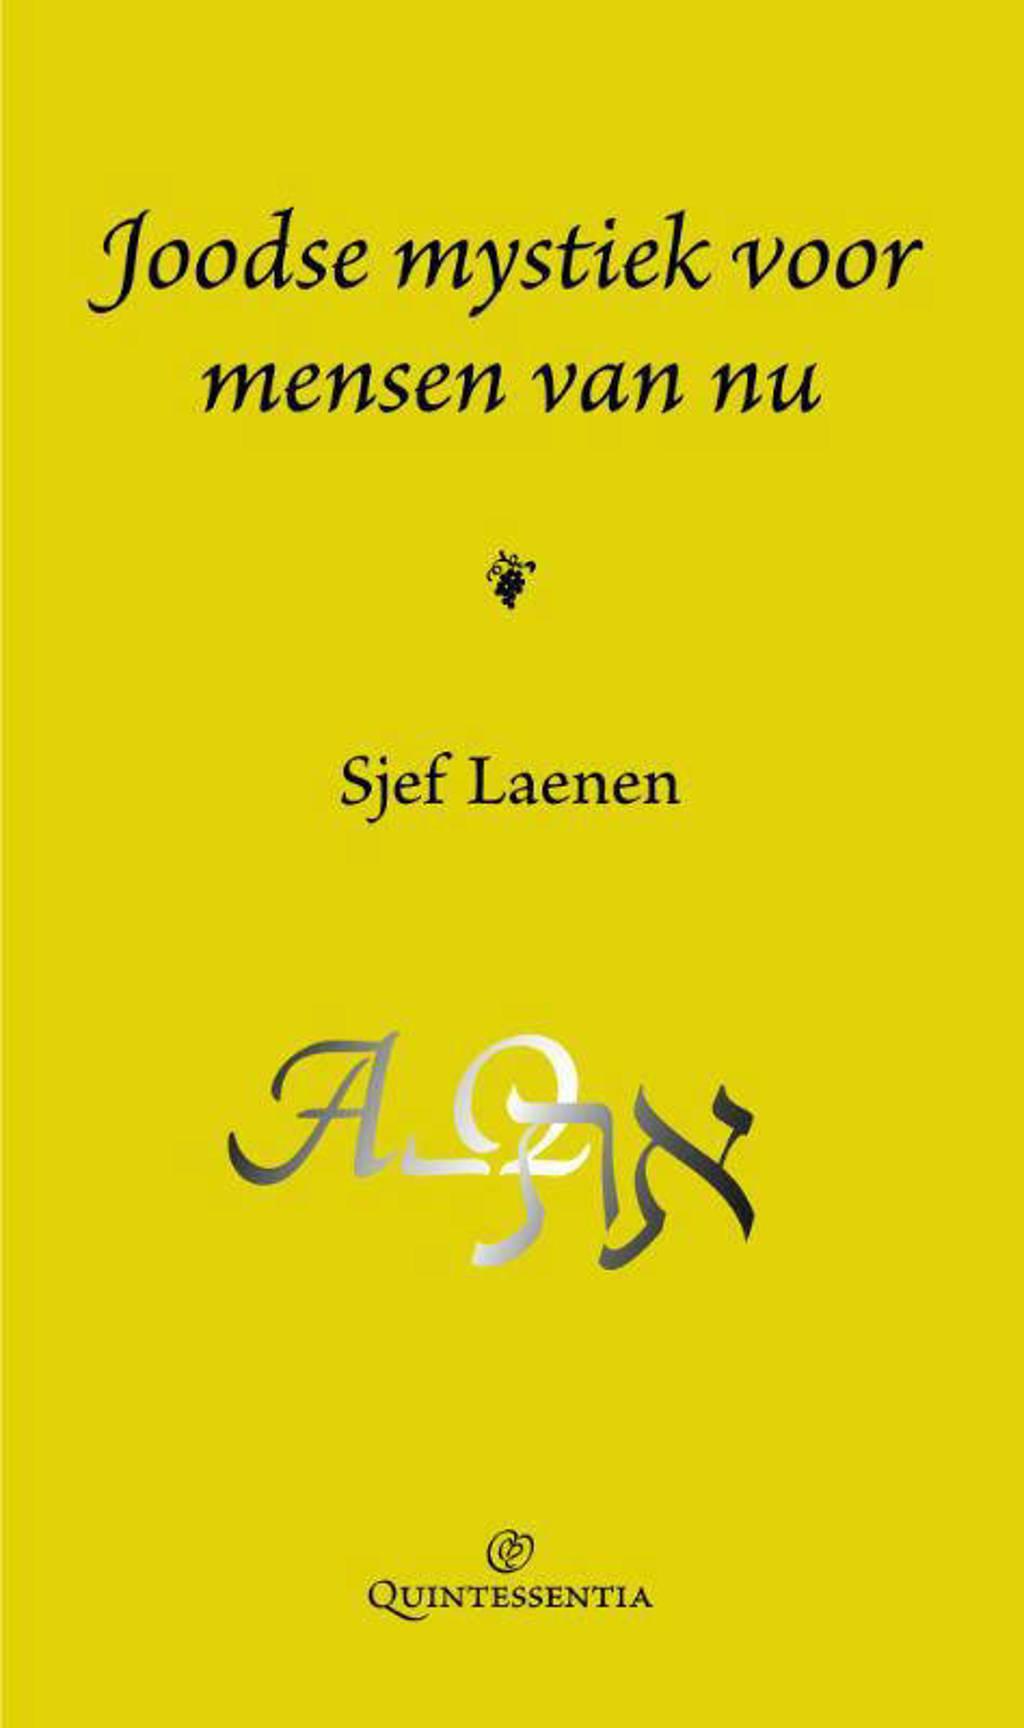 Joodse mystiek voor mensen van nu - Sjef Laenen